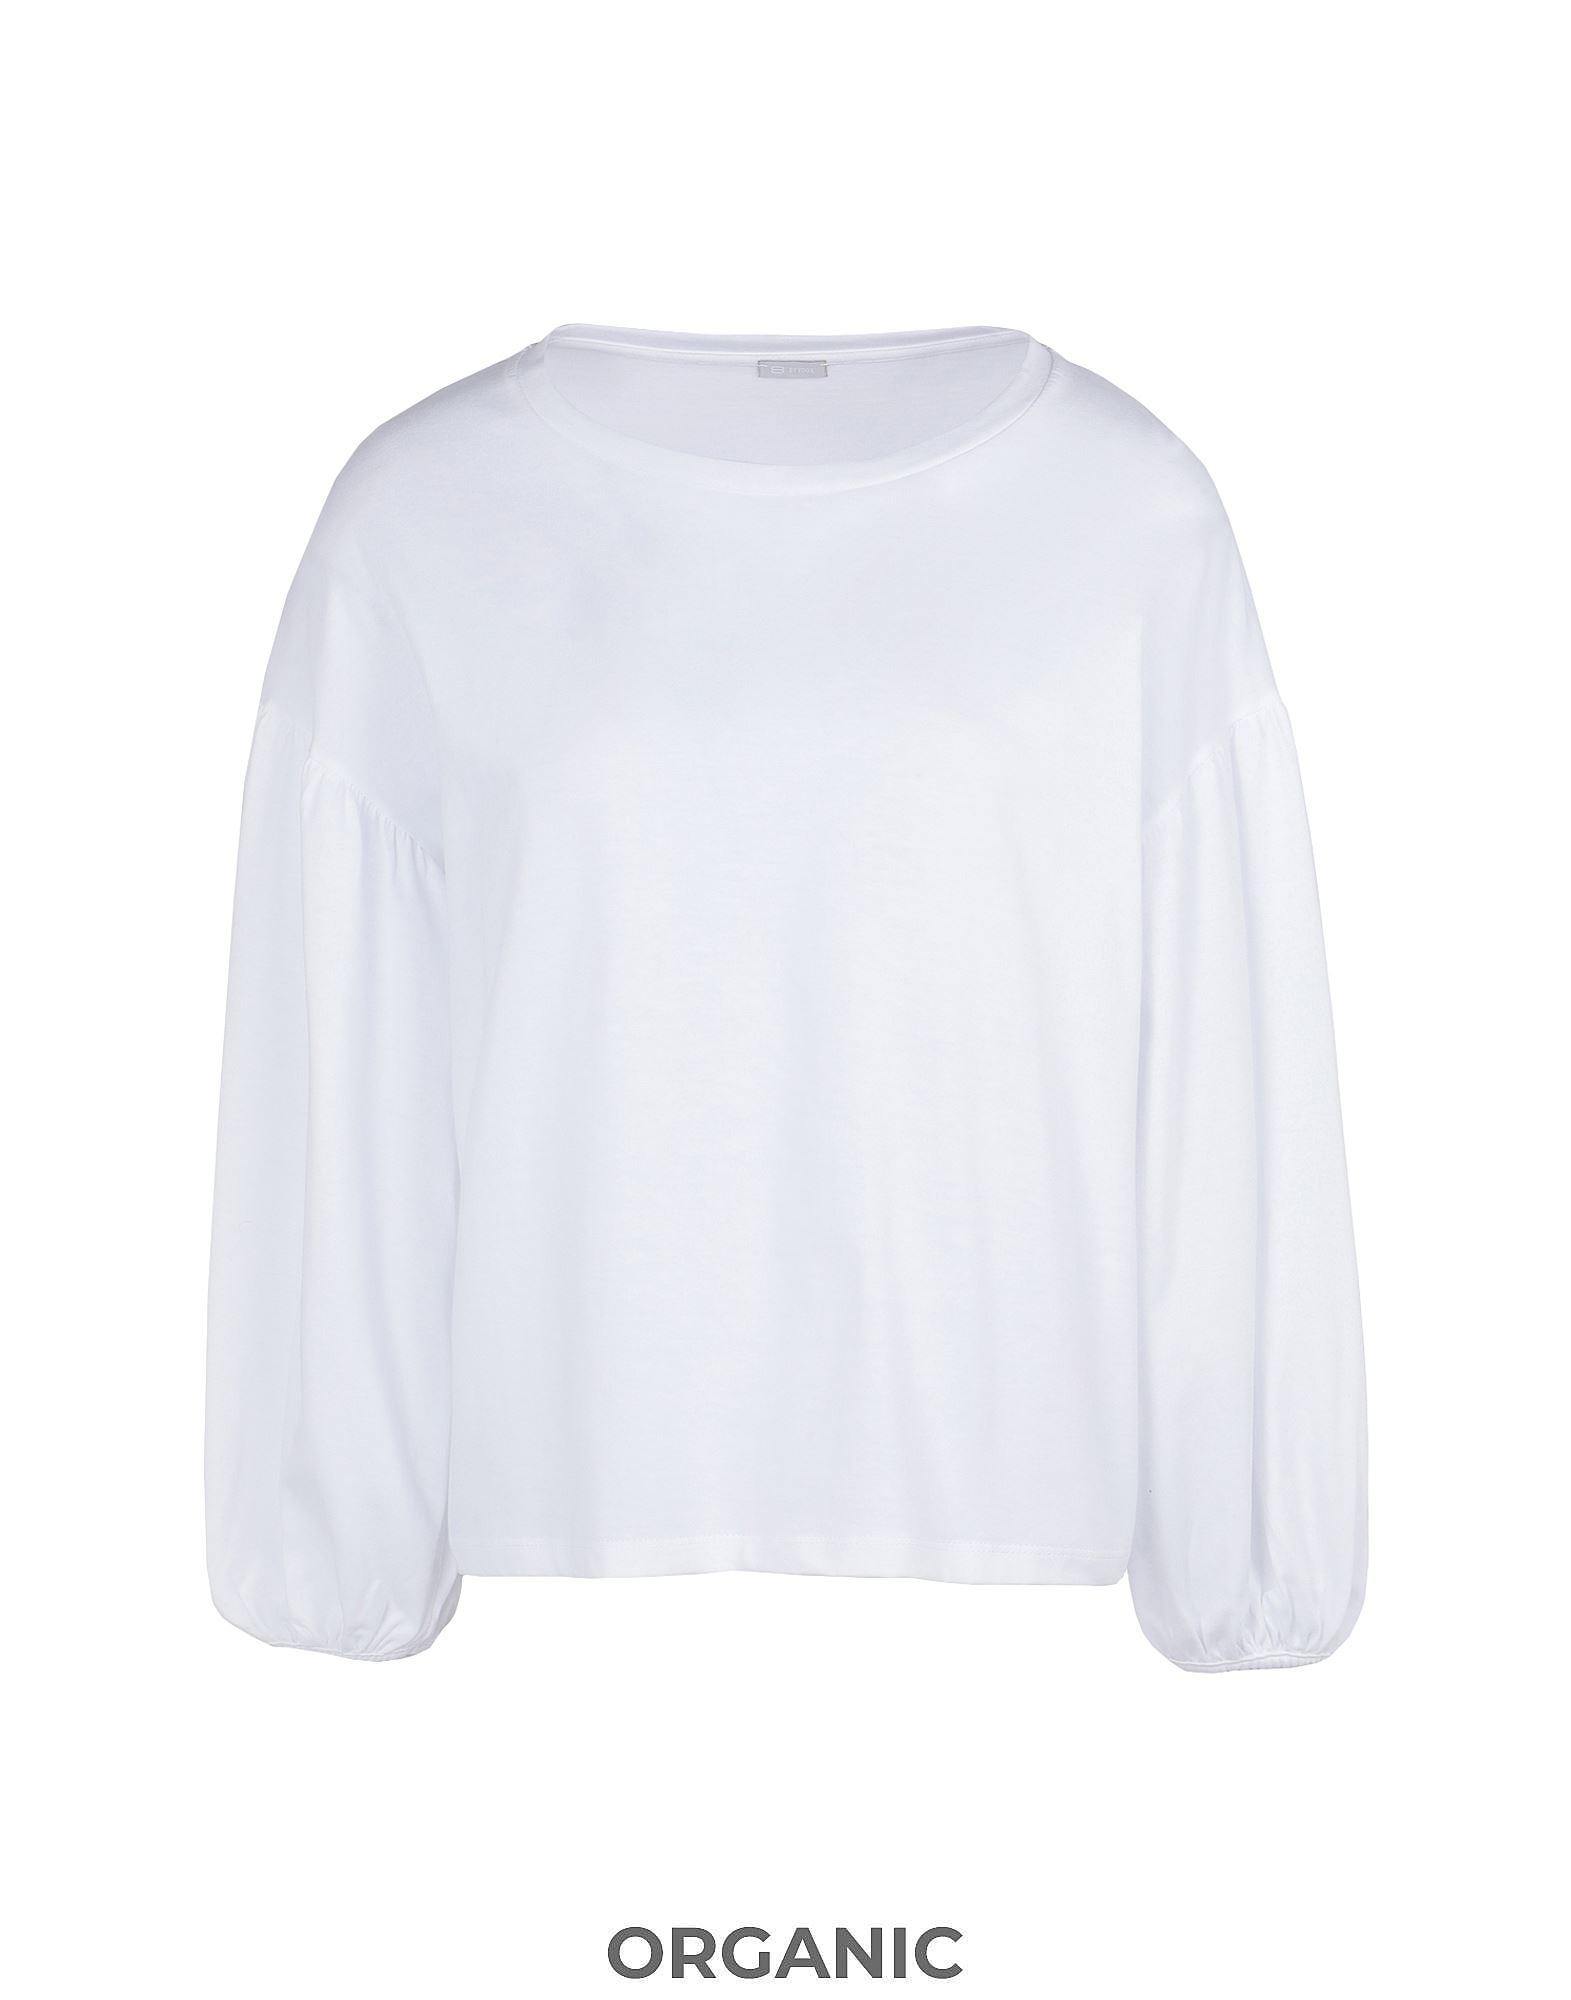 《セール開催中》8 by YOOX レディース T シャツ ホワイト XS オーガニックコットン 100% ORGANIC COTTON JERSEY PUFF SLEEVE SWEATSHIRT